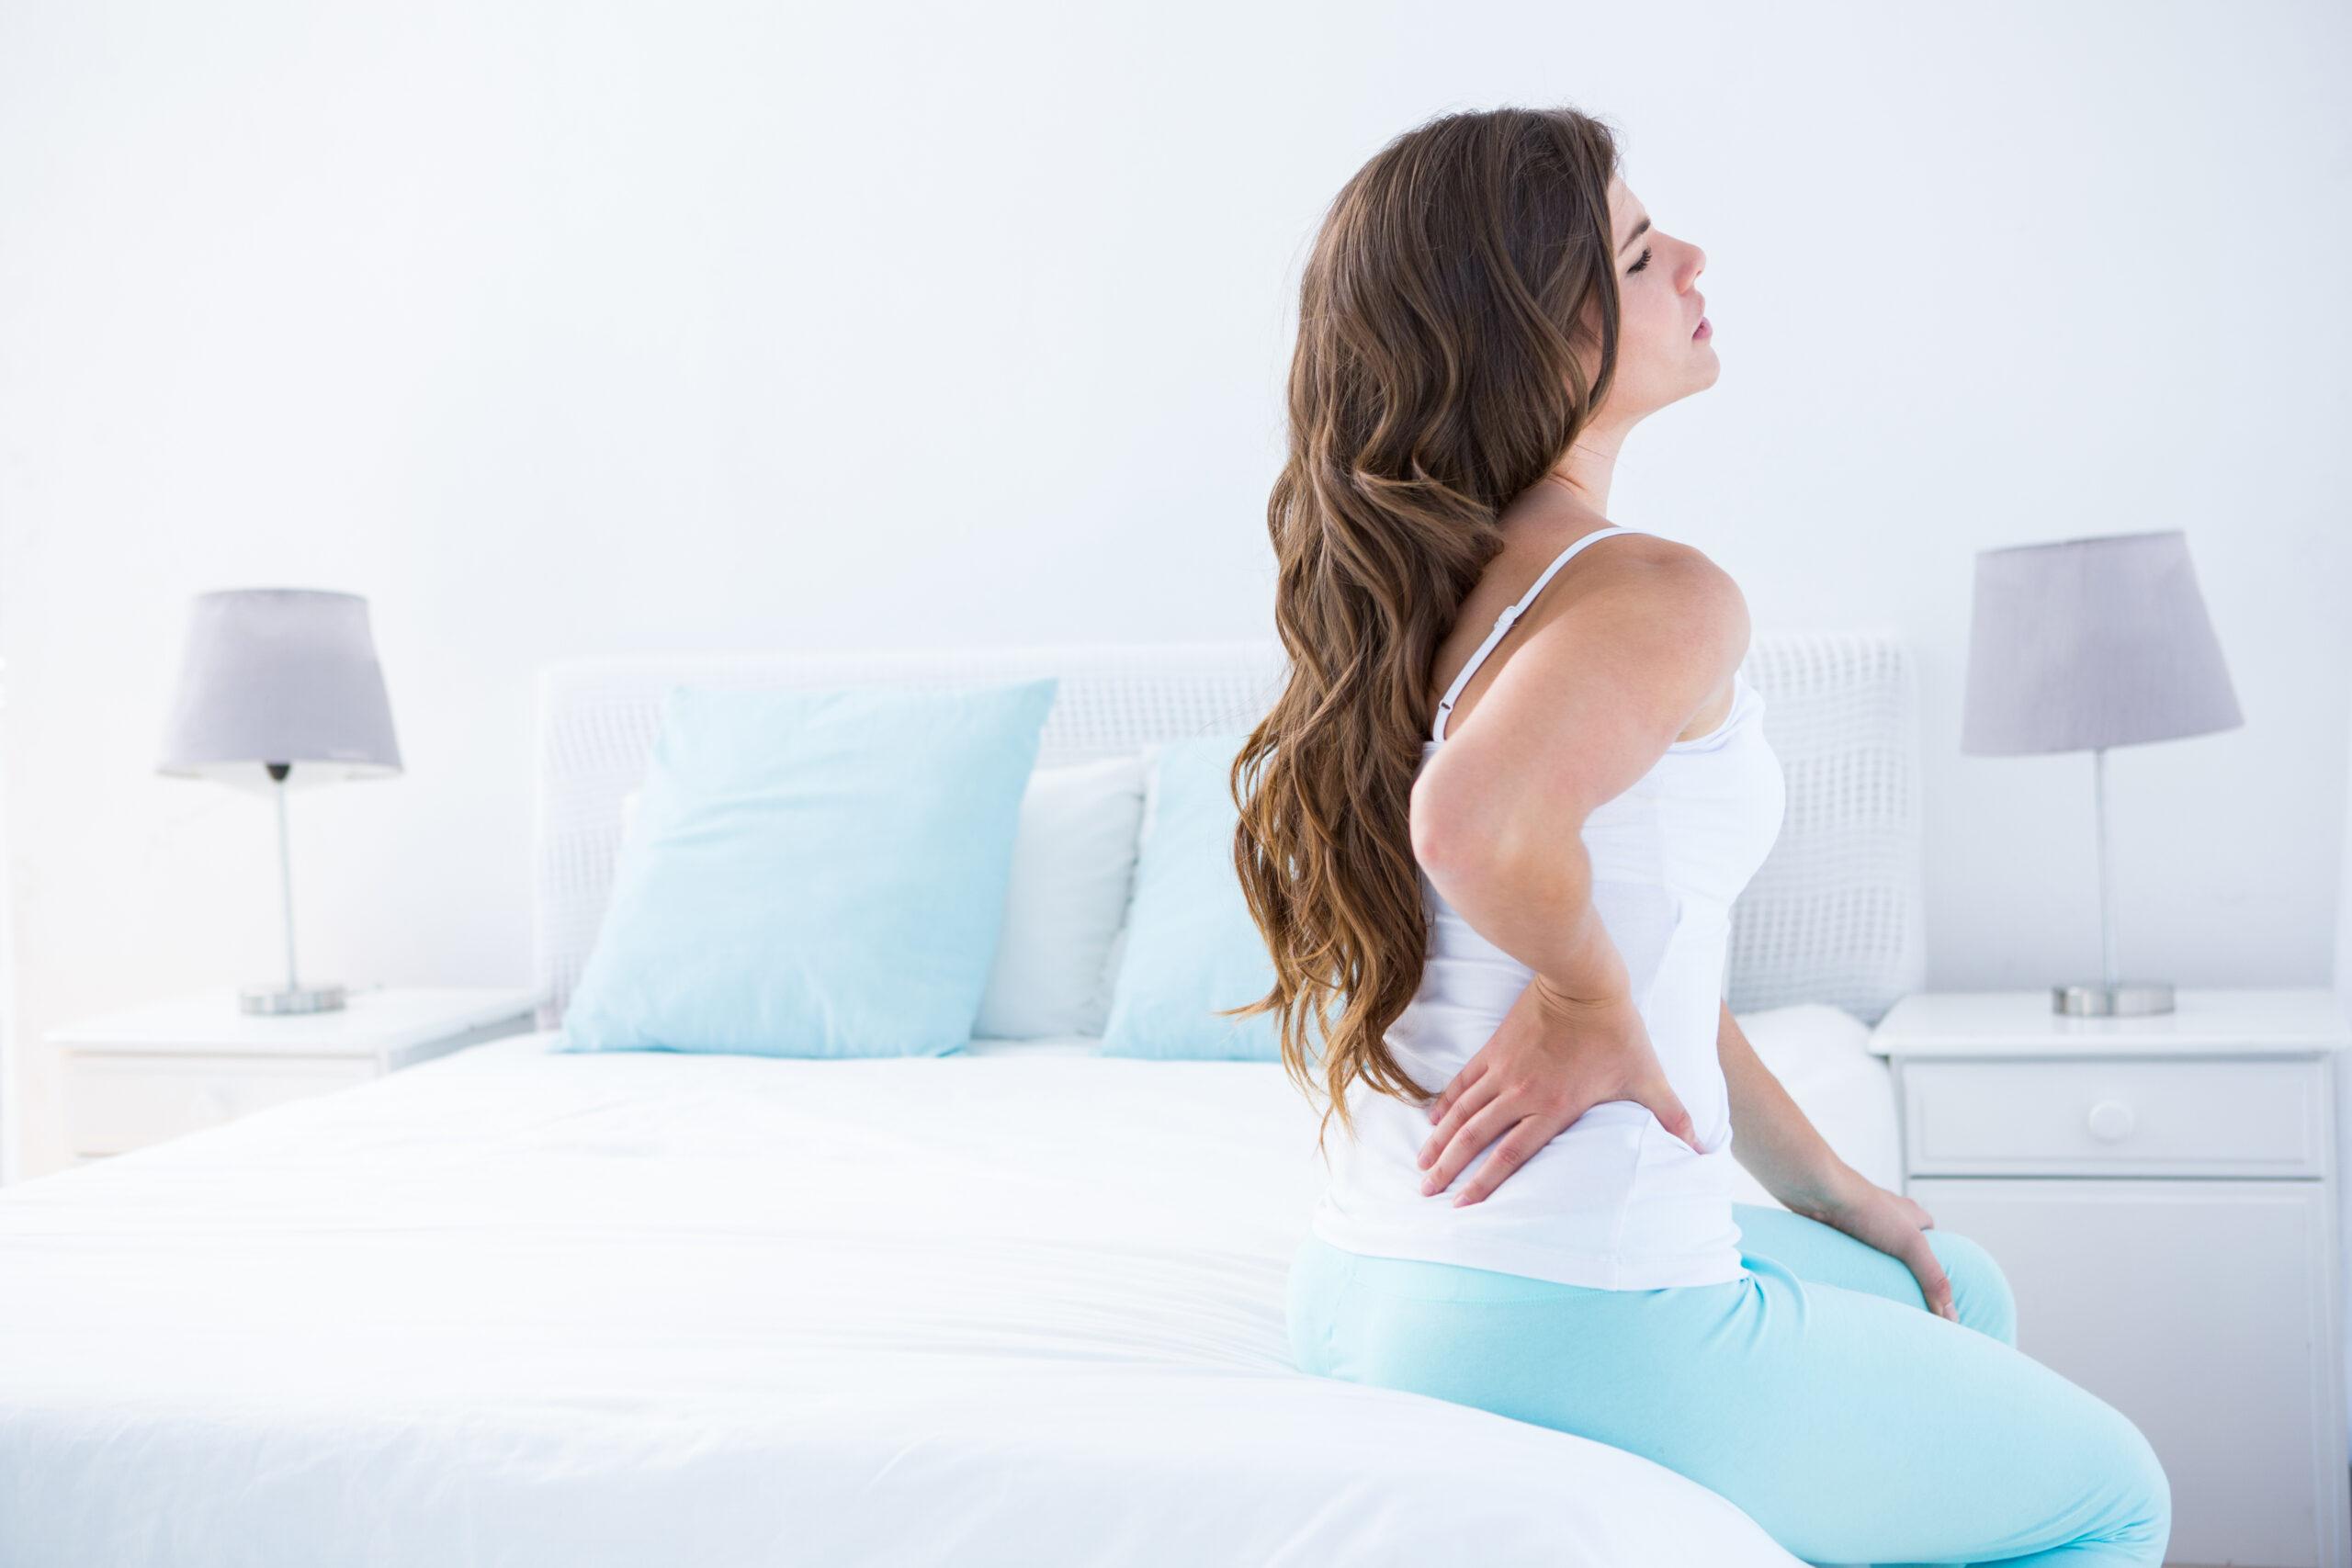 Back pain causes   Lifestyle choices   Mangattil Rajesh   Spine Surgeon London